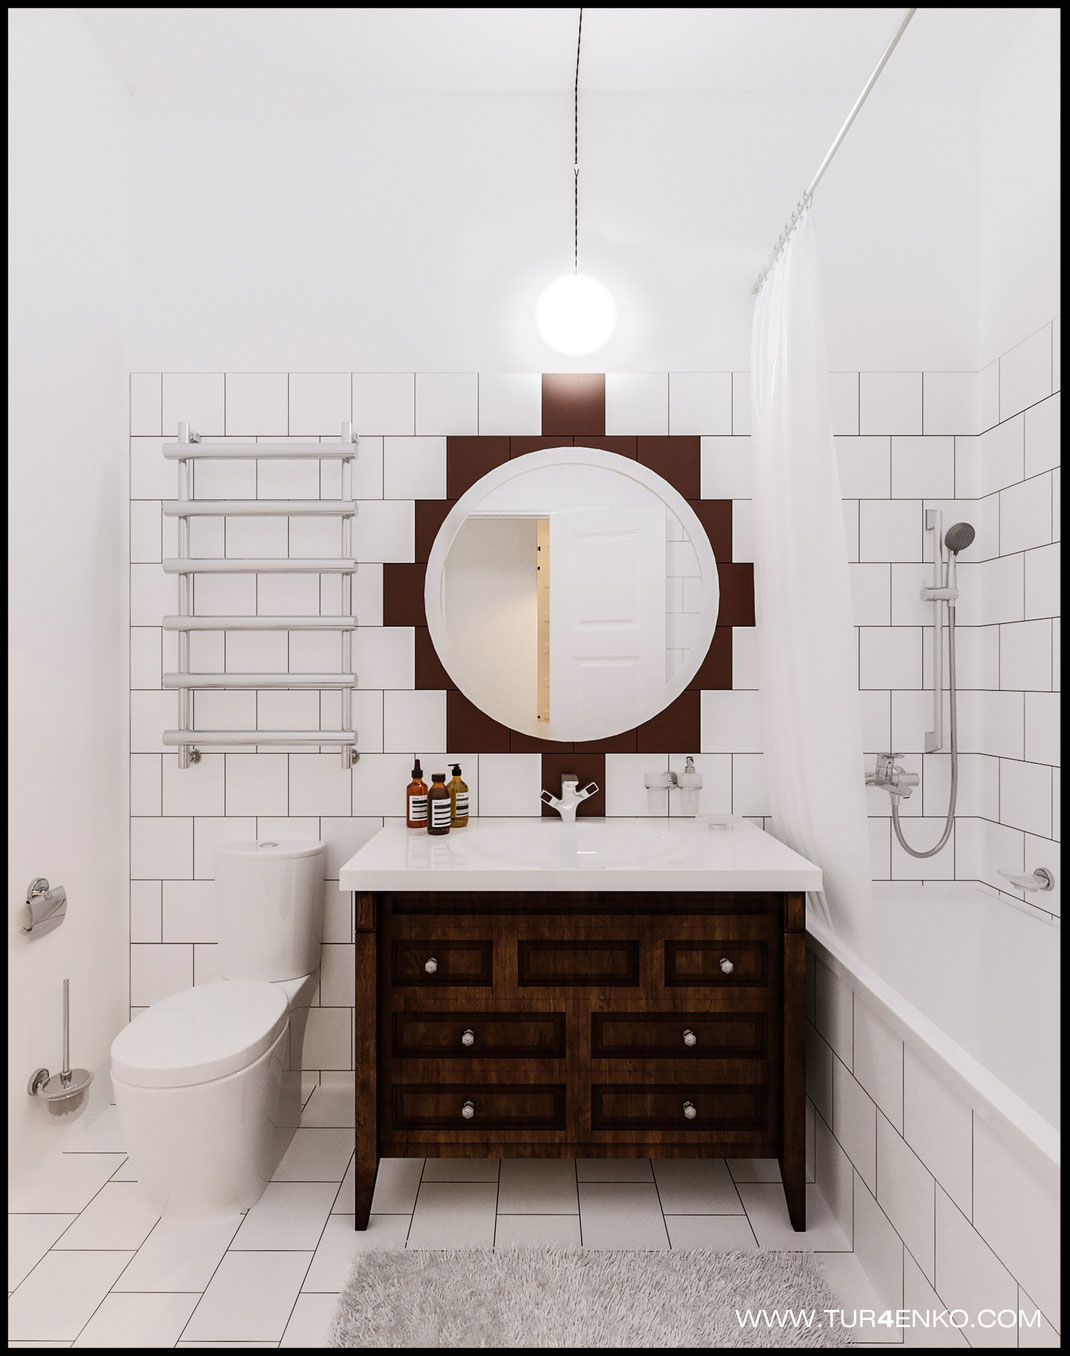 8 дизайн квартир Москва 89163172980 www.tur4enko.com